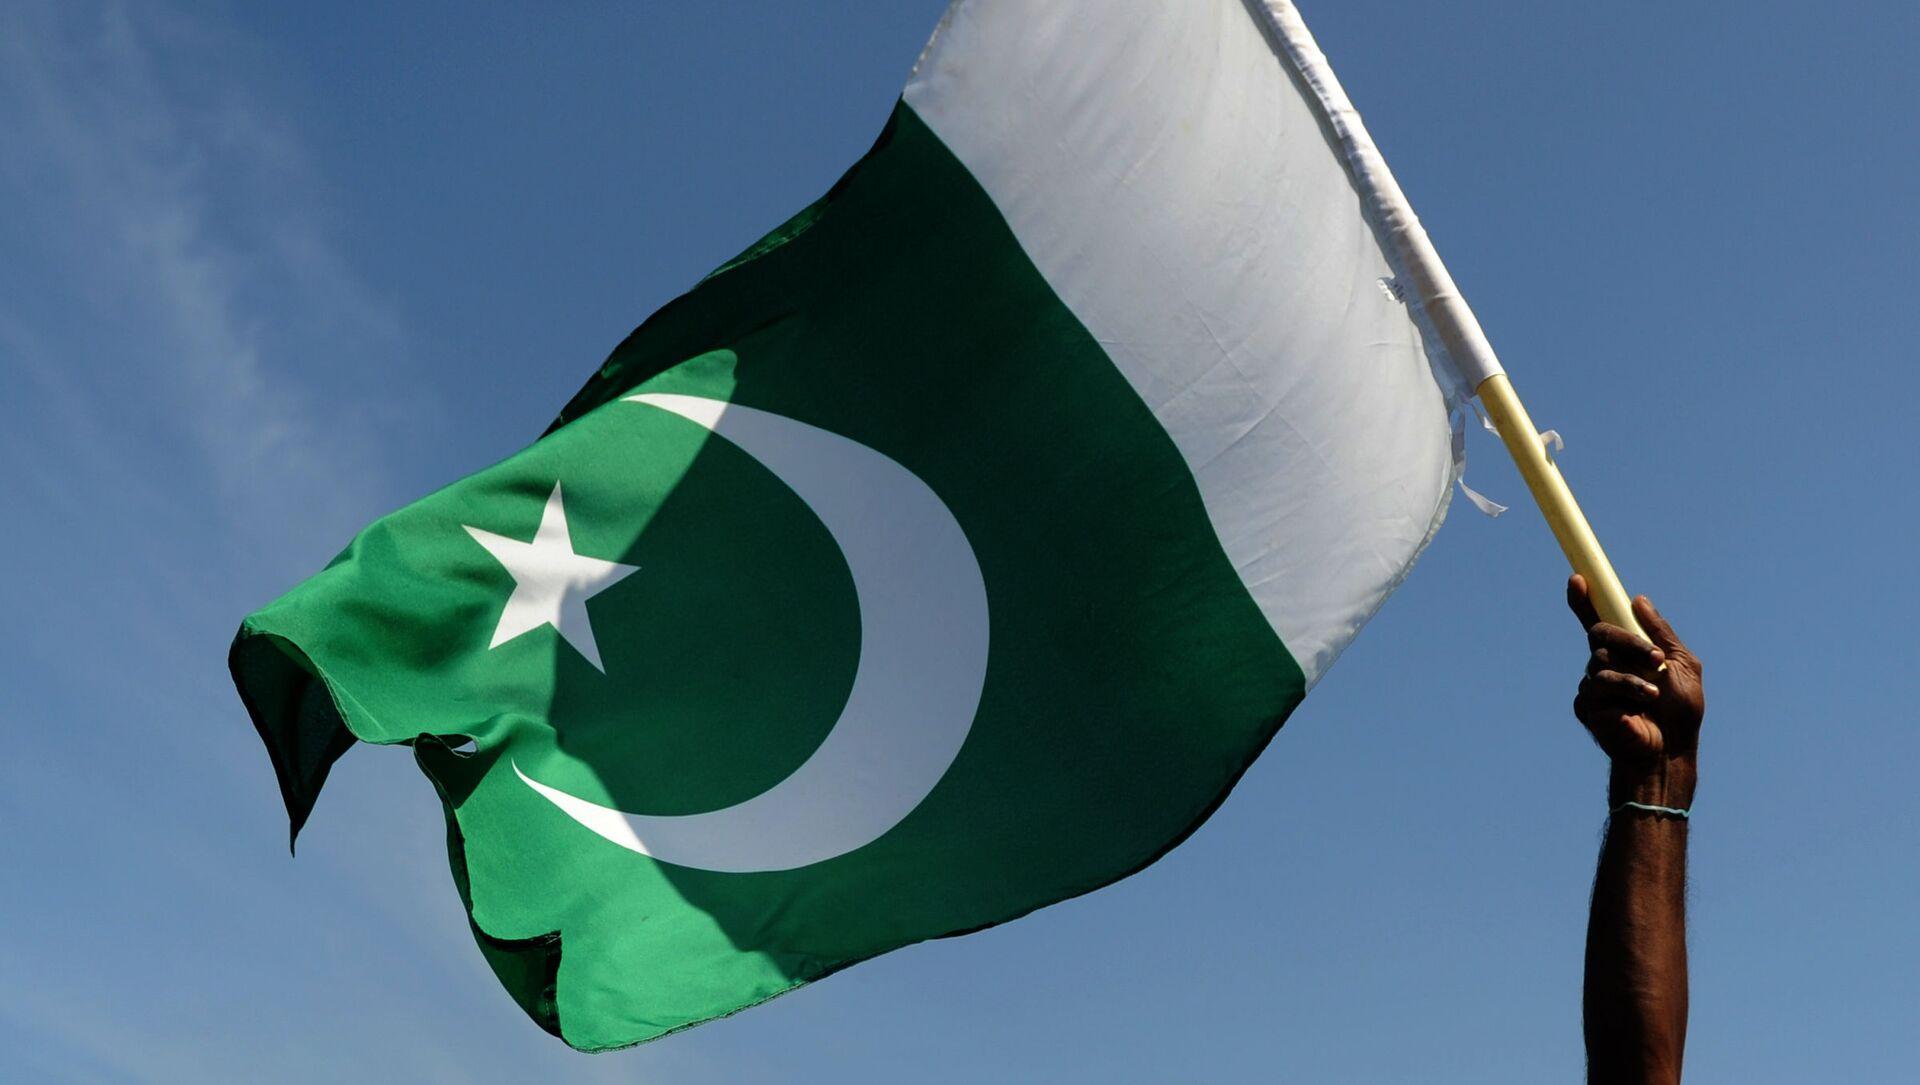 パキスタンの旗 - Sputnik 日本, 1920, 26.04.2021